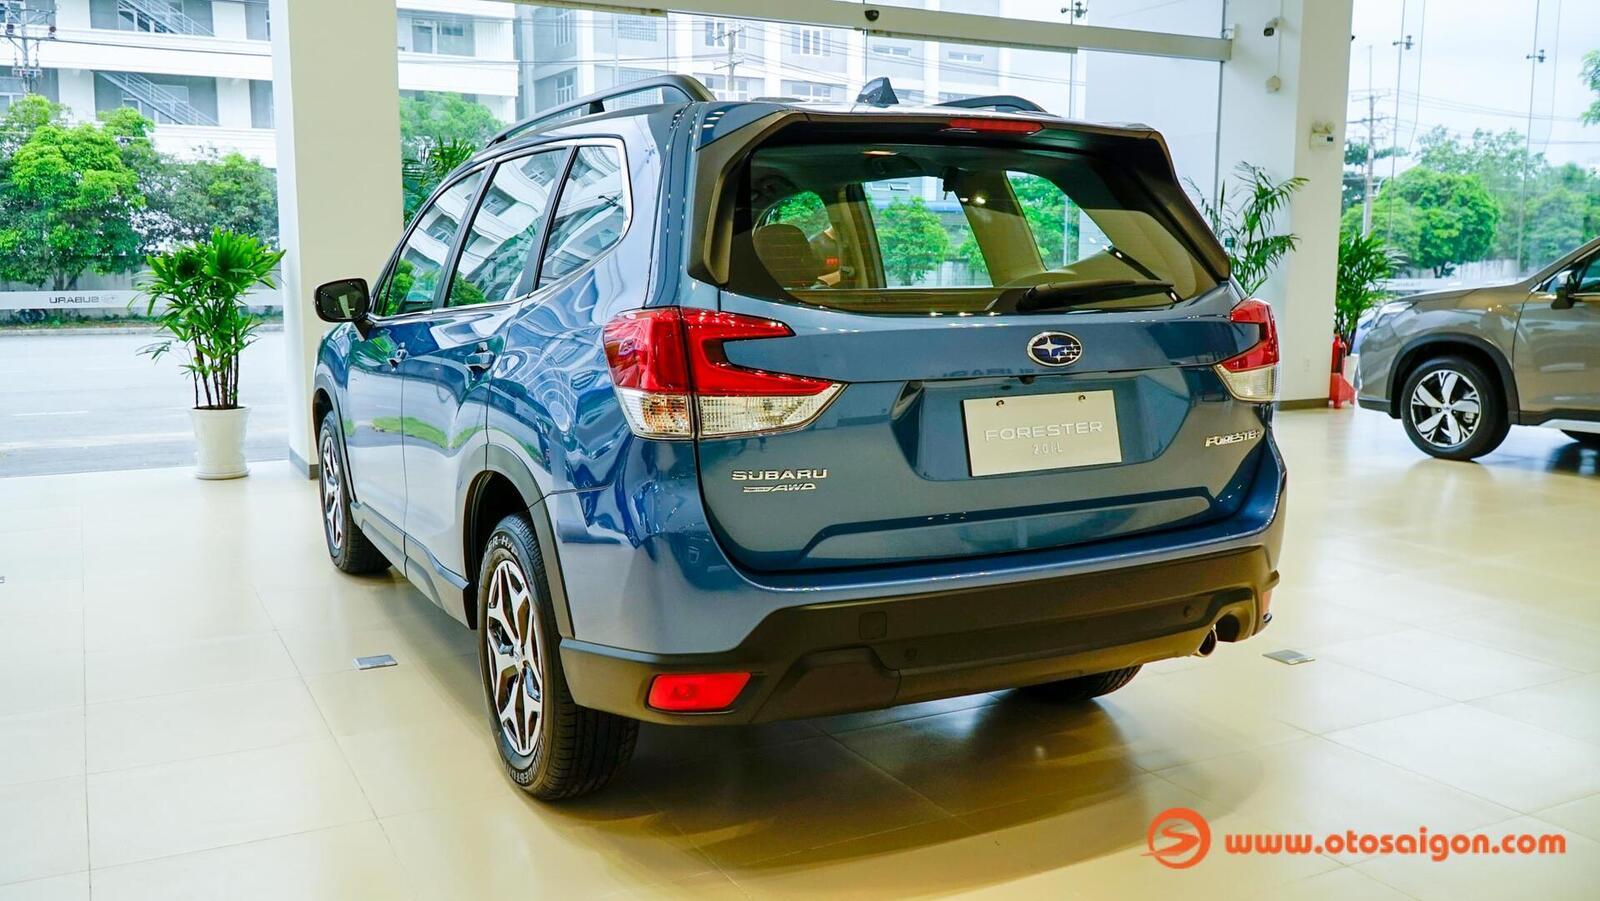 Đánh giá nhanh Subaru Forester thế hệ mới và sự khác biệt giữa hai phiên bản - Hình 23